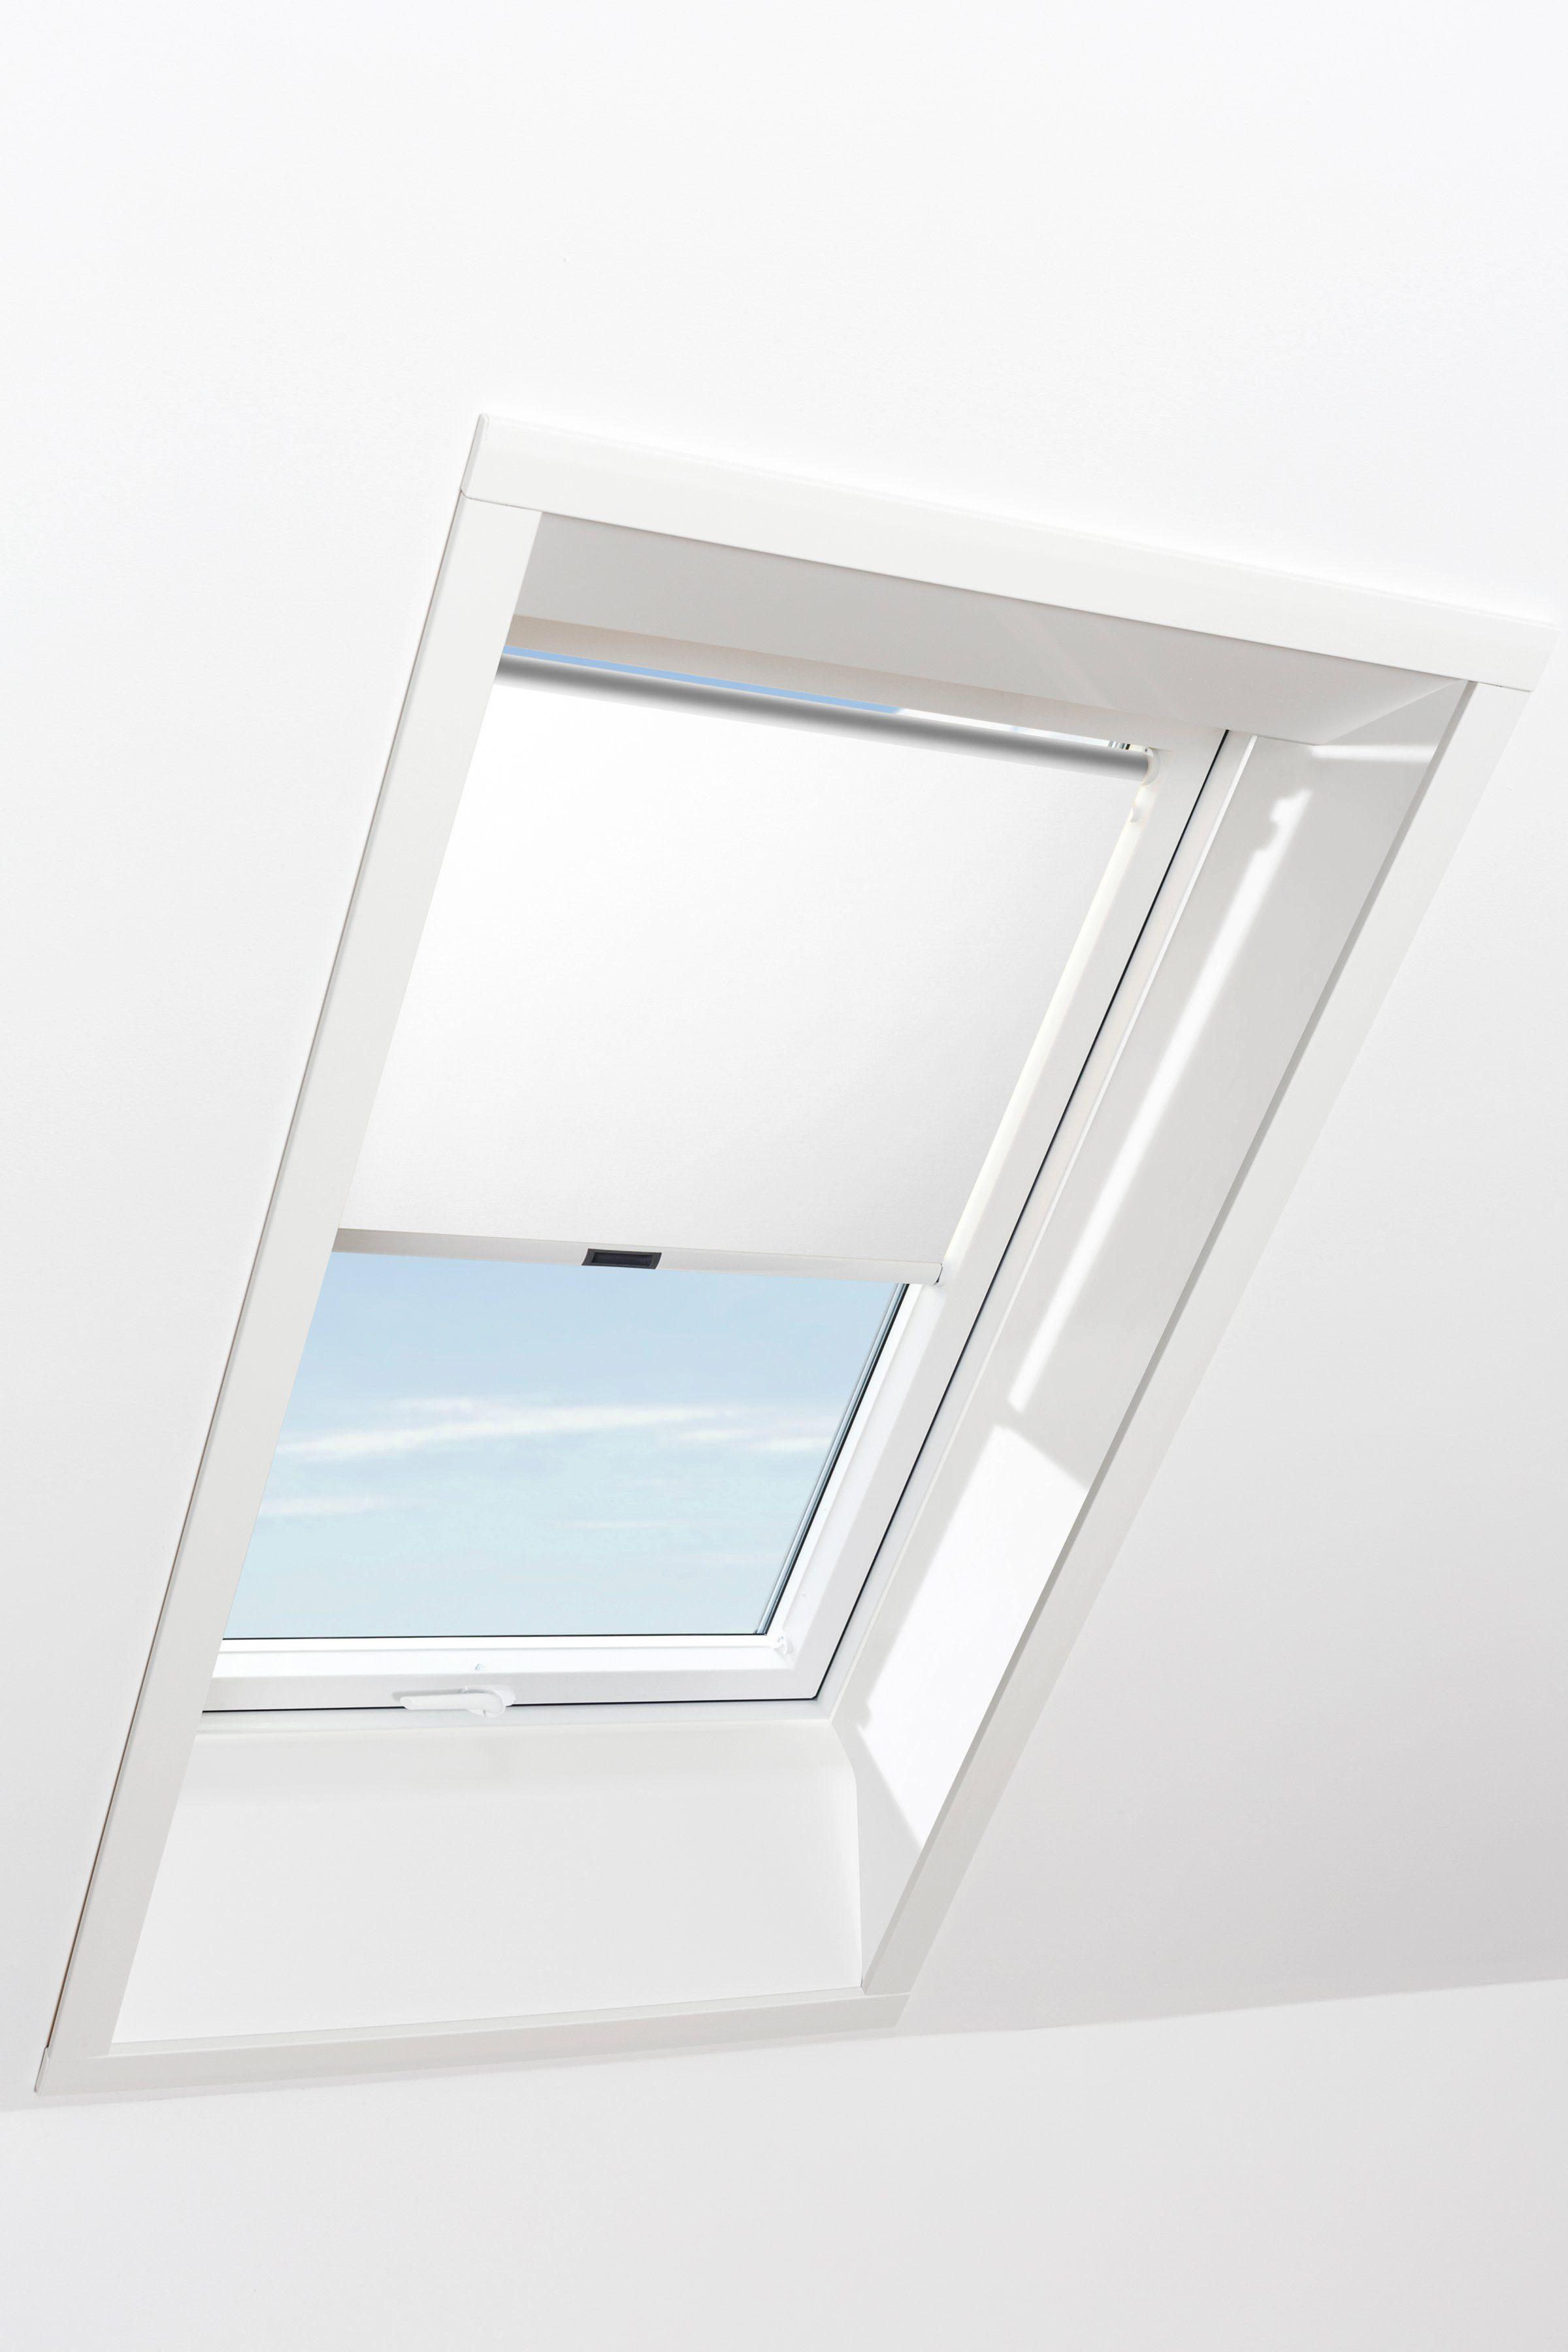 RORO Sichtschutzrollo »Typ SIRW711«, BxL: 74x118 cm, weiß